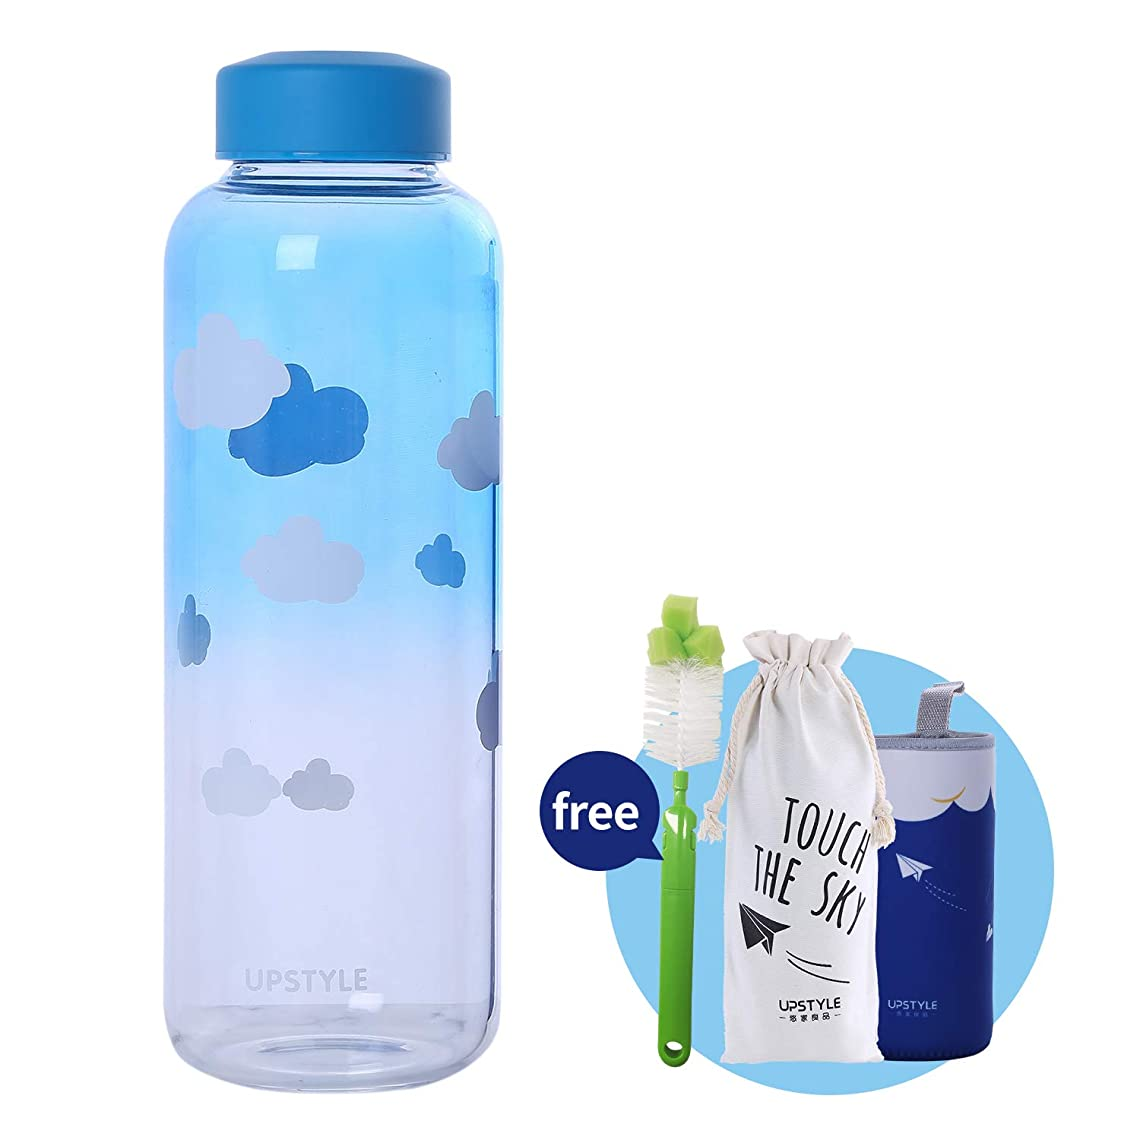 マディソンこしょう追加するUPSTYLEエコガラスウォーターボトルカラフルなBPAフリーポータブルスポーツボトルワイドマウスリークプルーフリッド搾乳ジュースボトルジュース/スムージー/エッセンシャルオイル (1000ml青空)